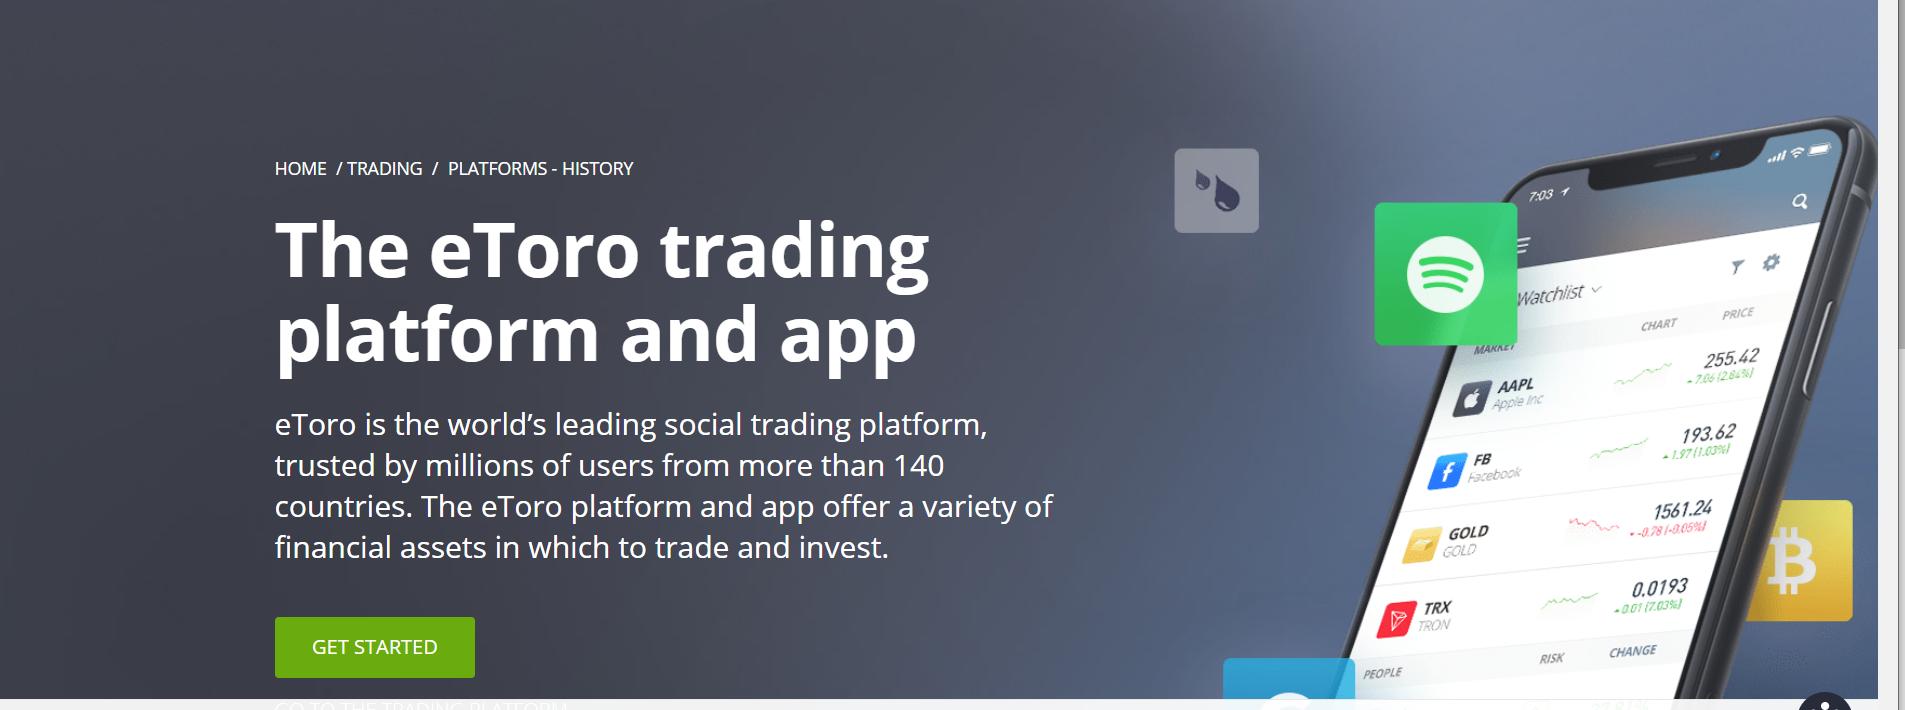 etoro UK broker main page